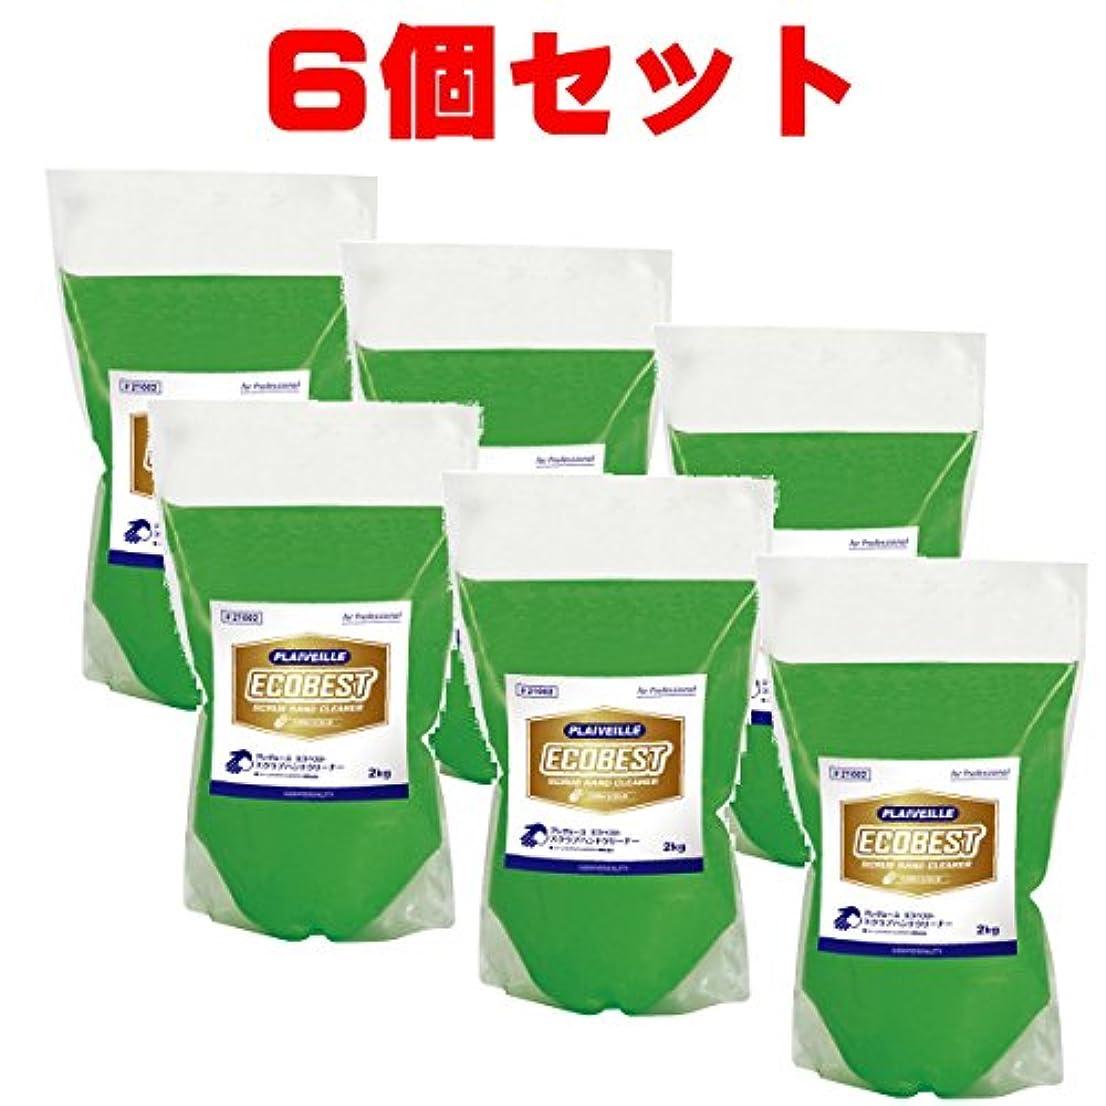 穀物密度尽きるコスモビューティー プレヴェーユ エコベスト 詰替 2kg 6本 セット 21002-6 モクケン スーパーマイルドの新バージョン